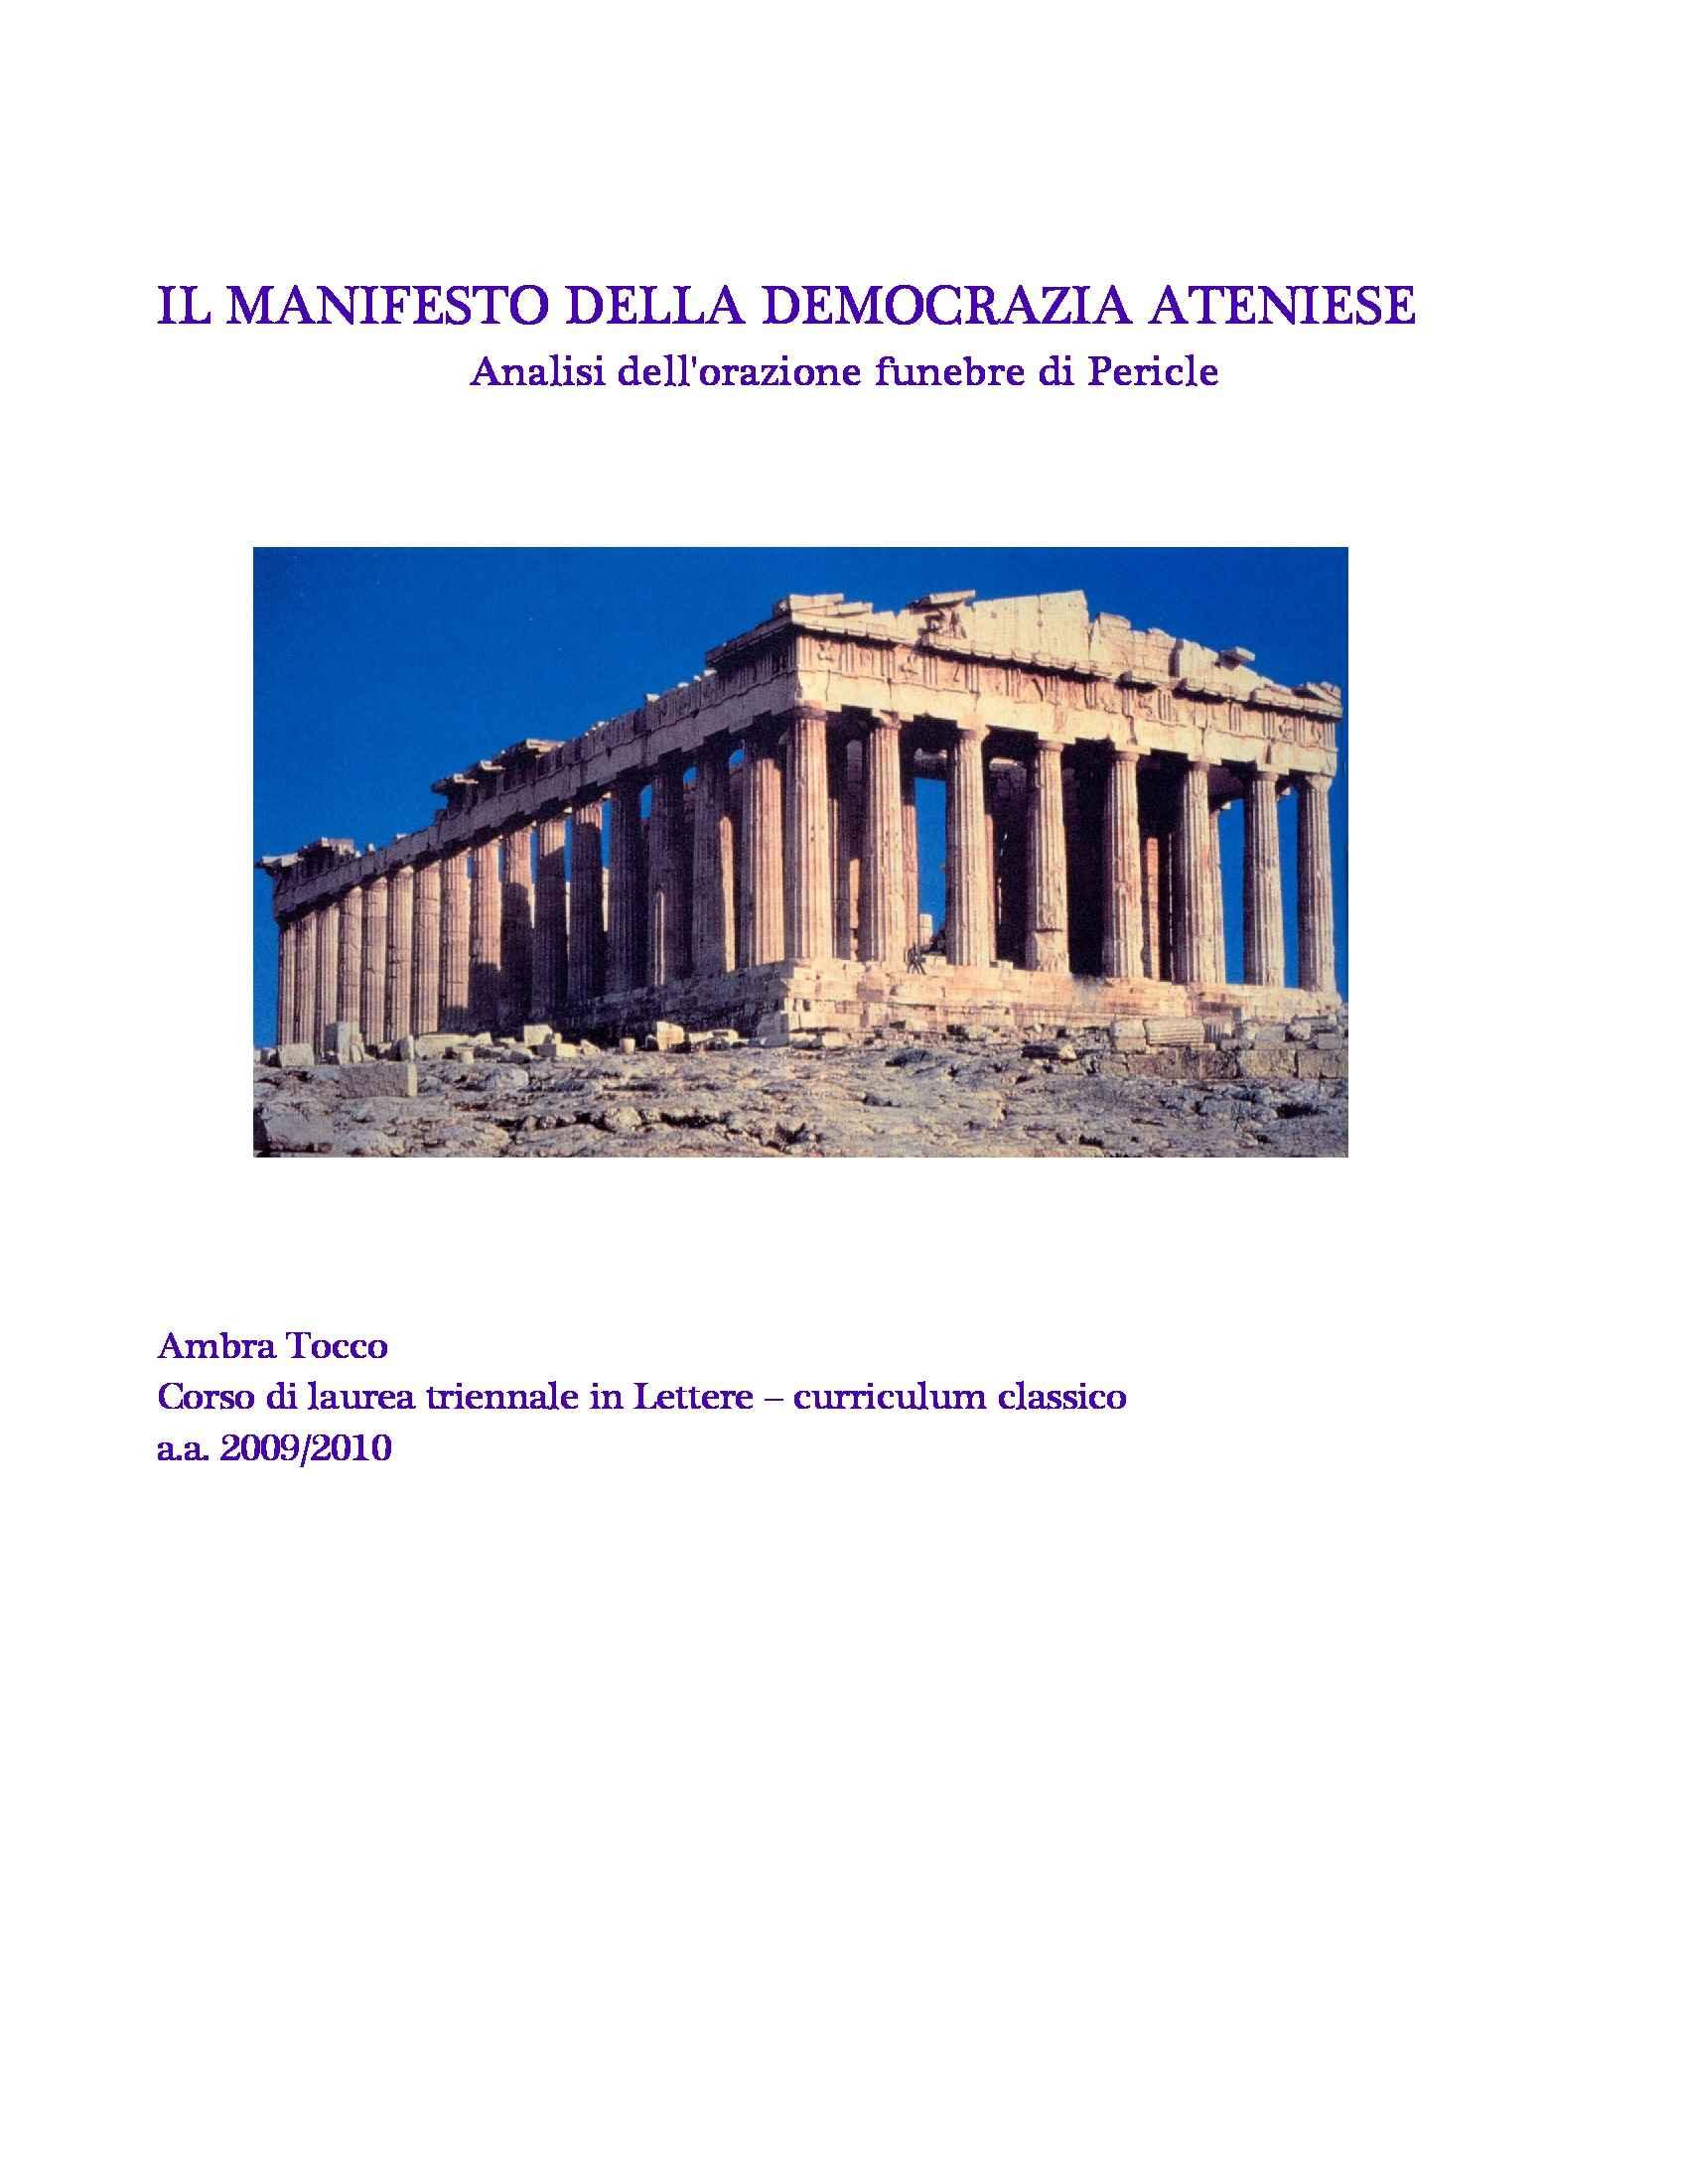 Storia greca - Epitafio di Pericle come manifesto della democrazia ateniese